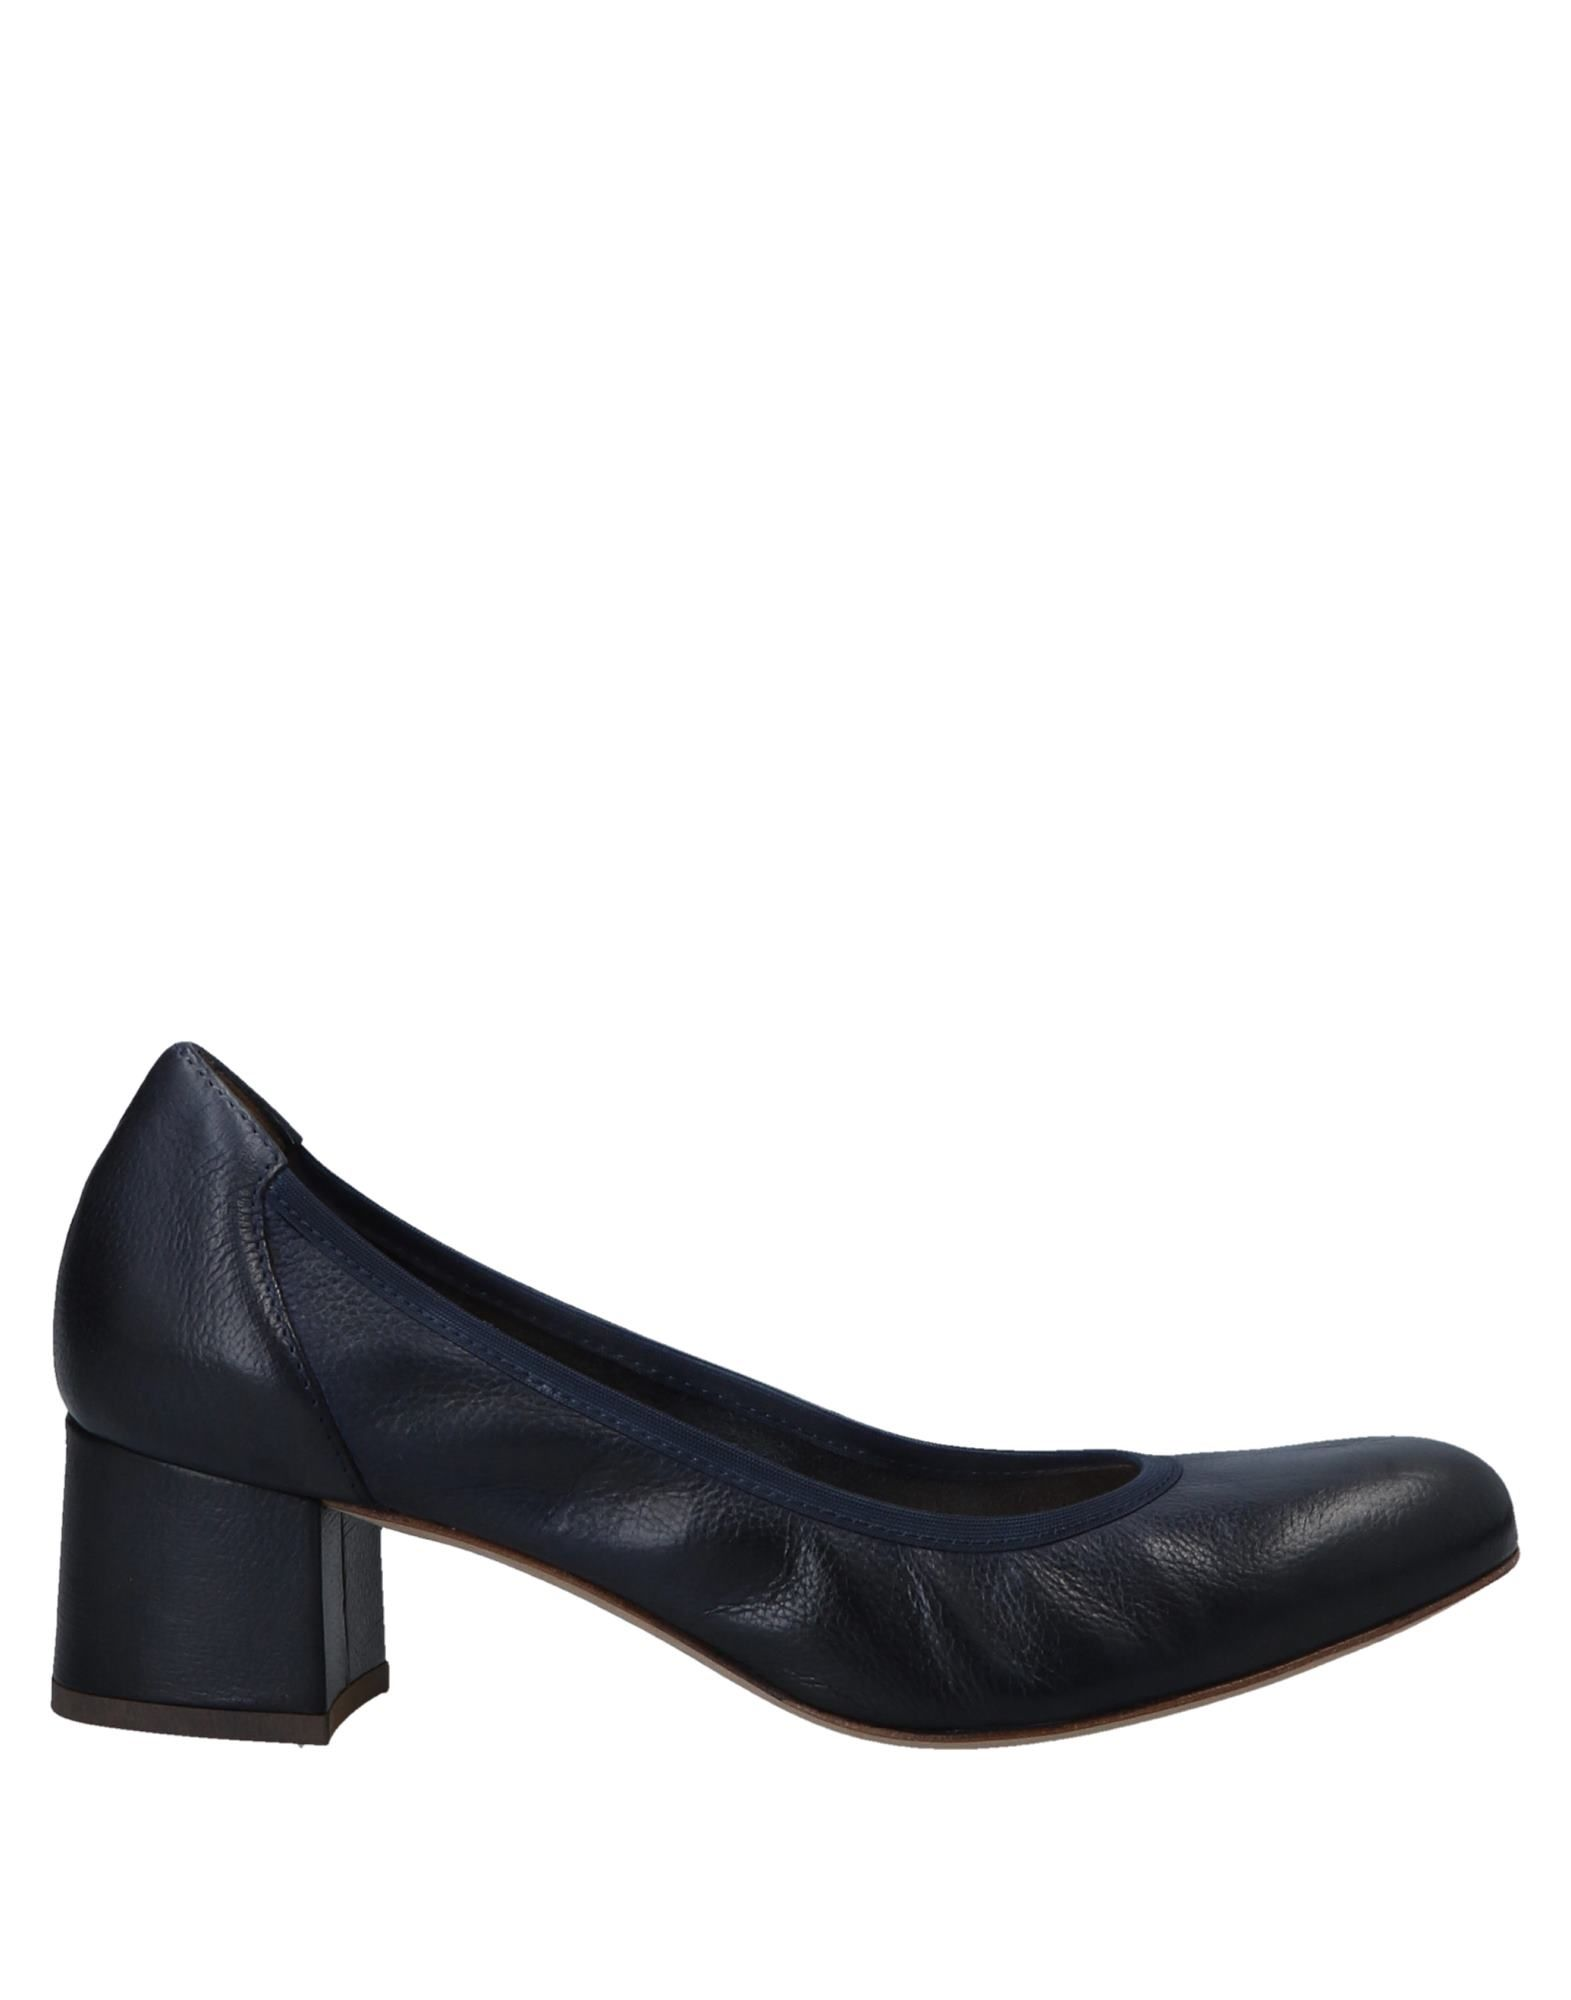 Escarpins Calpierre Femme - Escarpins Calpierre Bleu foncé Chaussures femme pas cher homme et femme